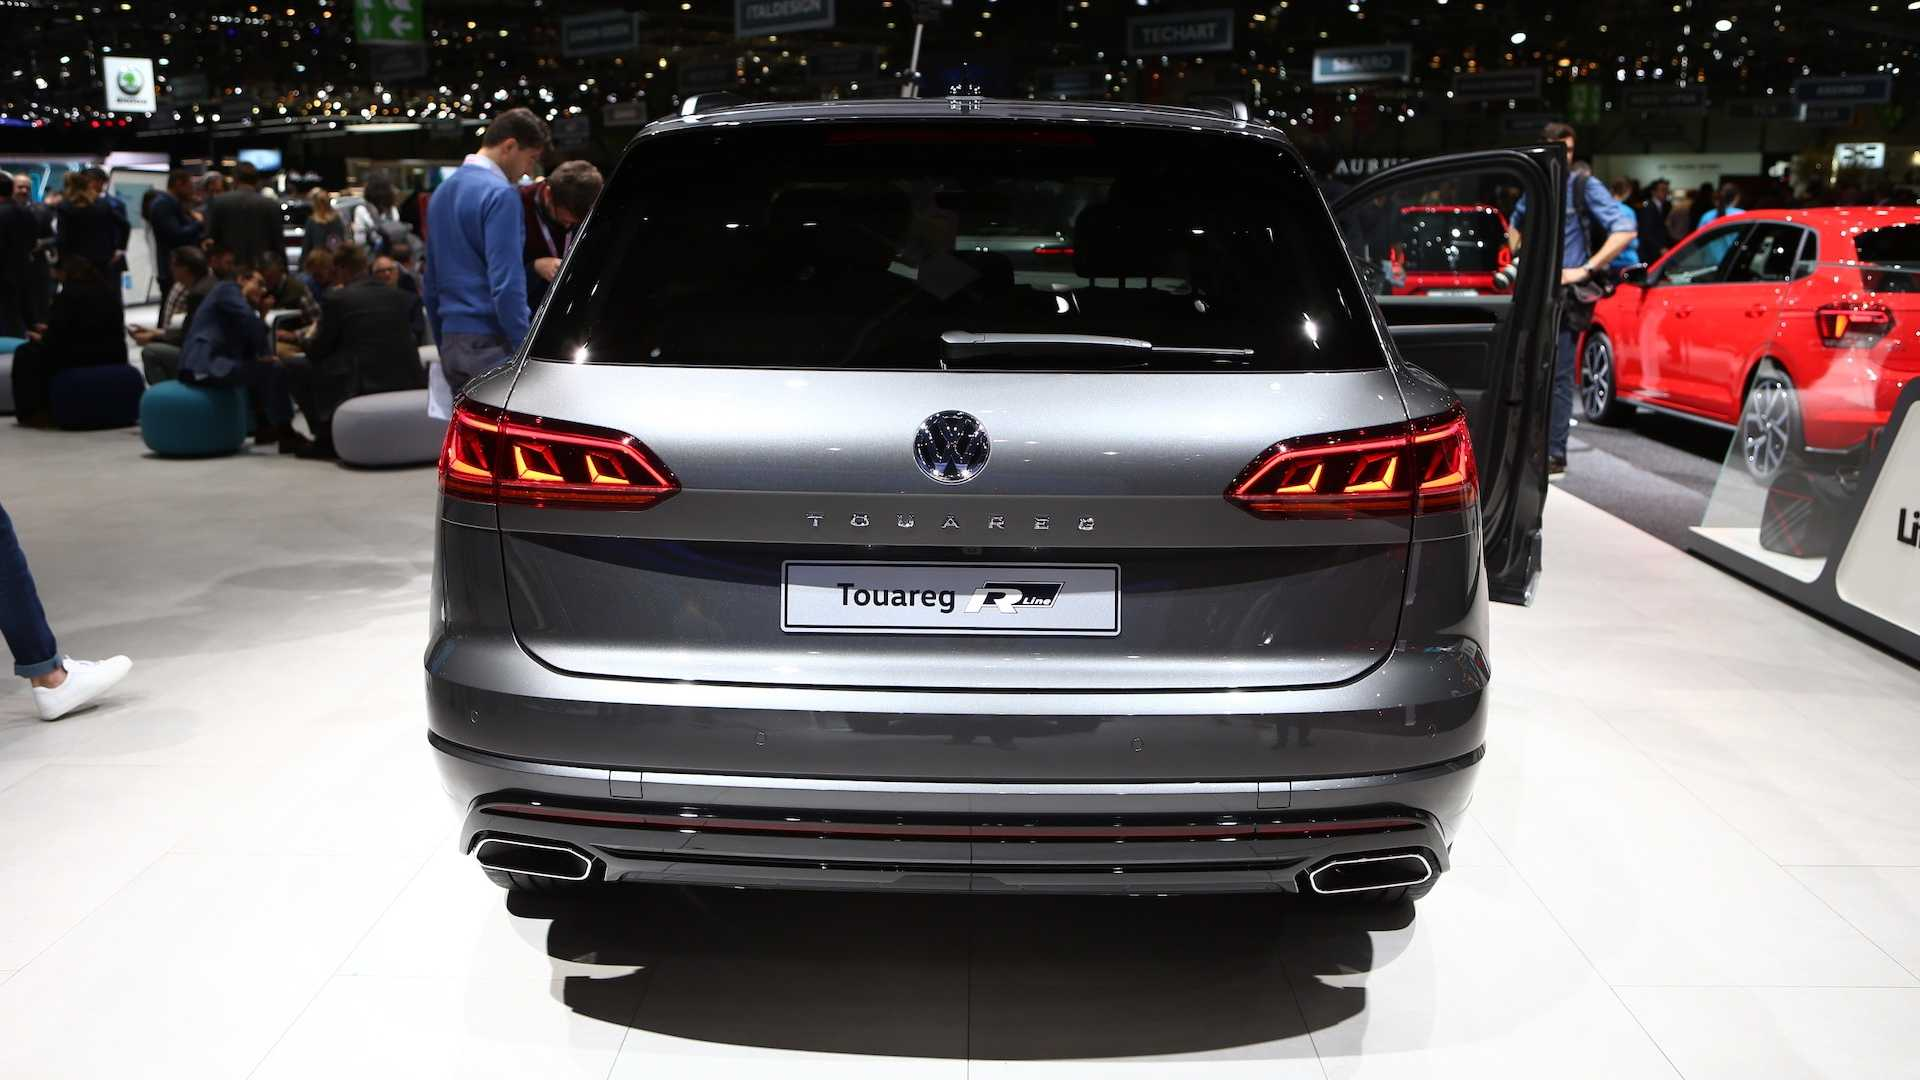 VolkswagenTouareg V8 TDI mới, máy dầu V8 có mô-men xoắn lên tới 900Nm - 03